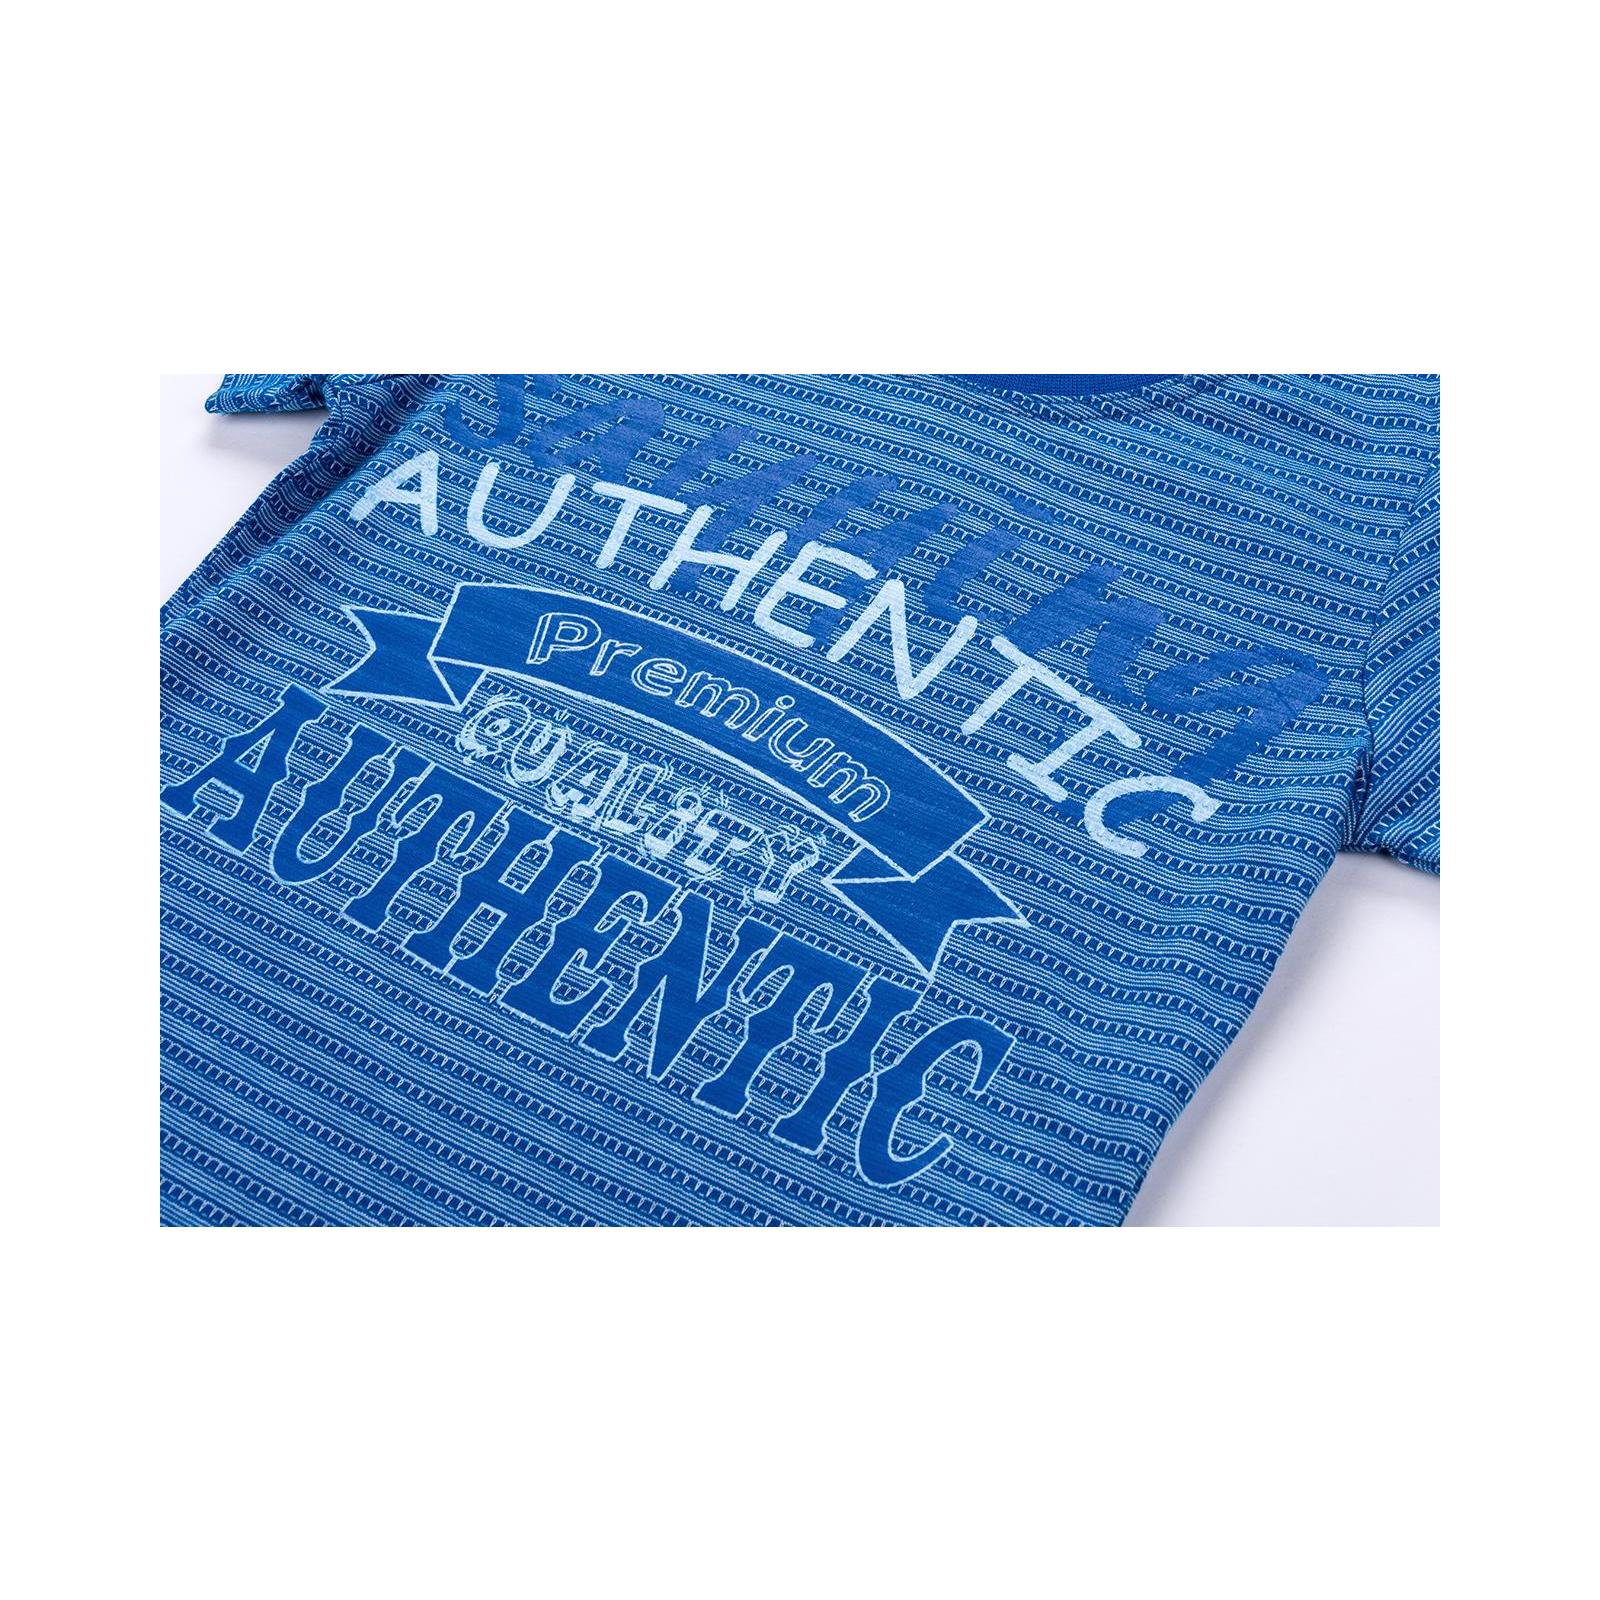 """Футболка детская Breeze с шортами """"AUTHENTIC"""" (10583-92B-blue) изображение 9"""